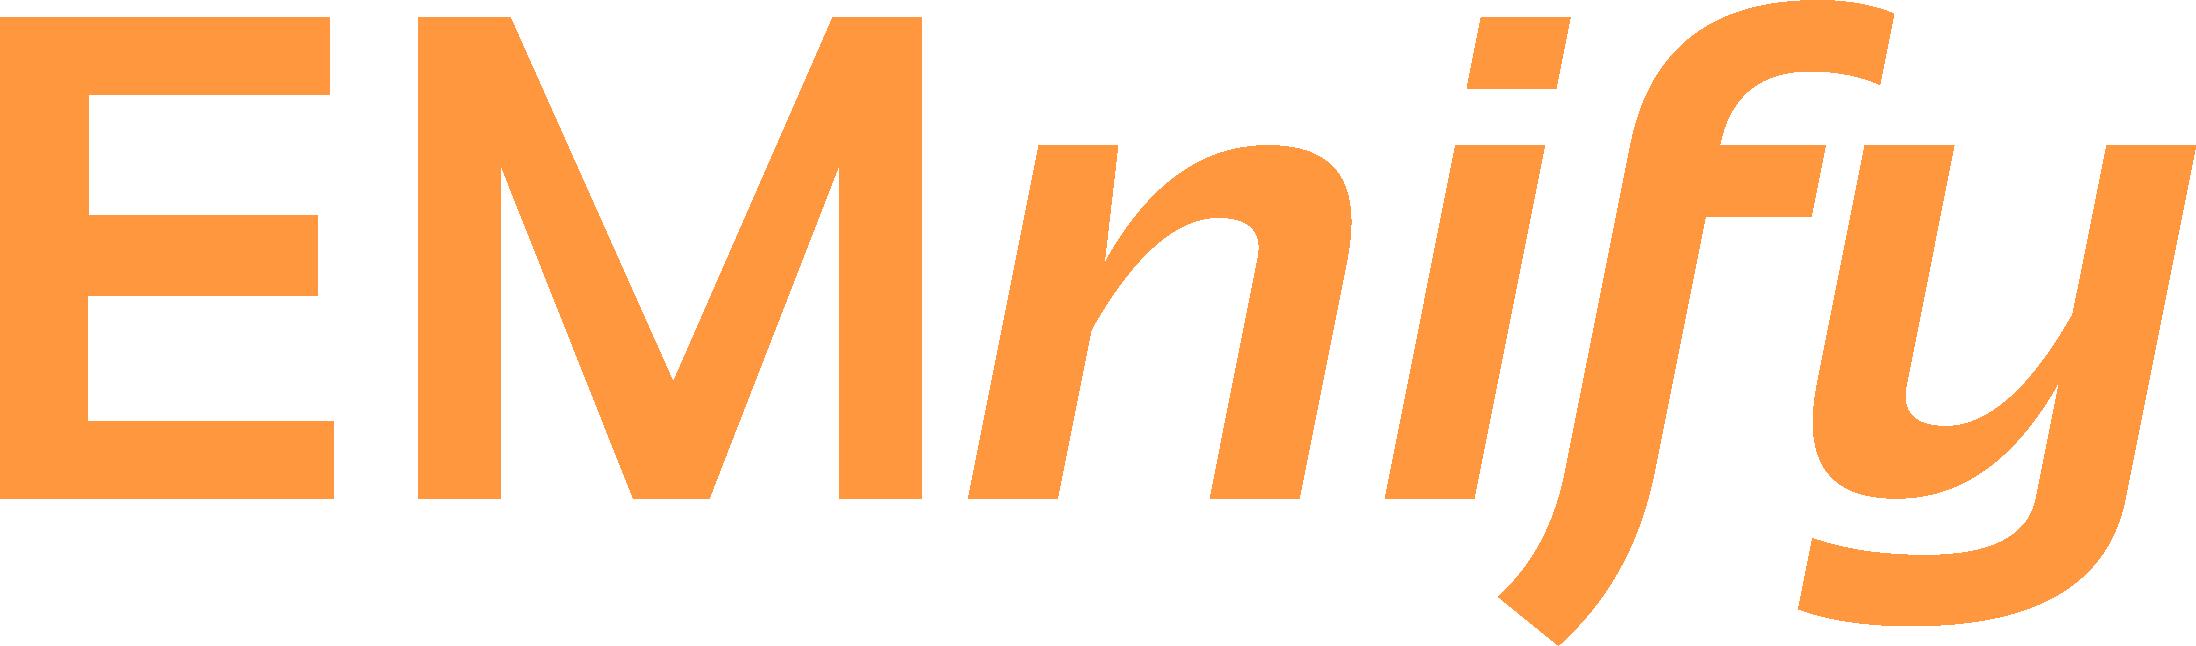 EMnify-logoorange